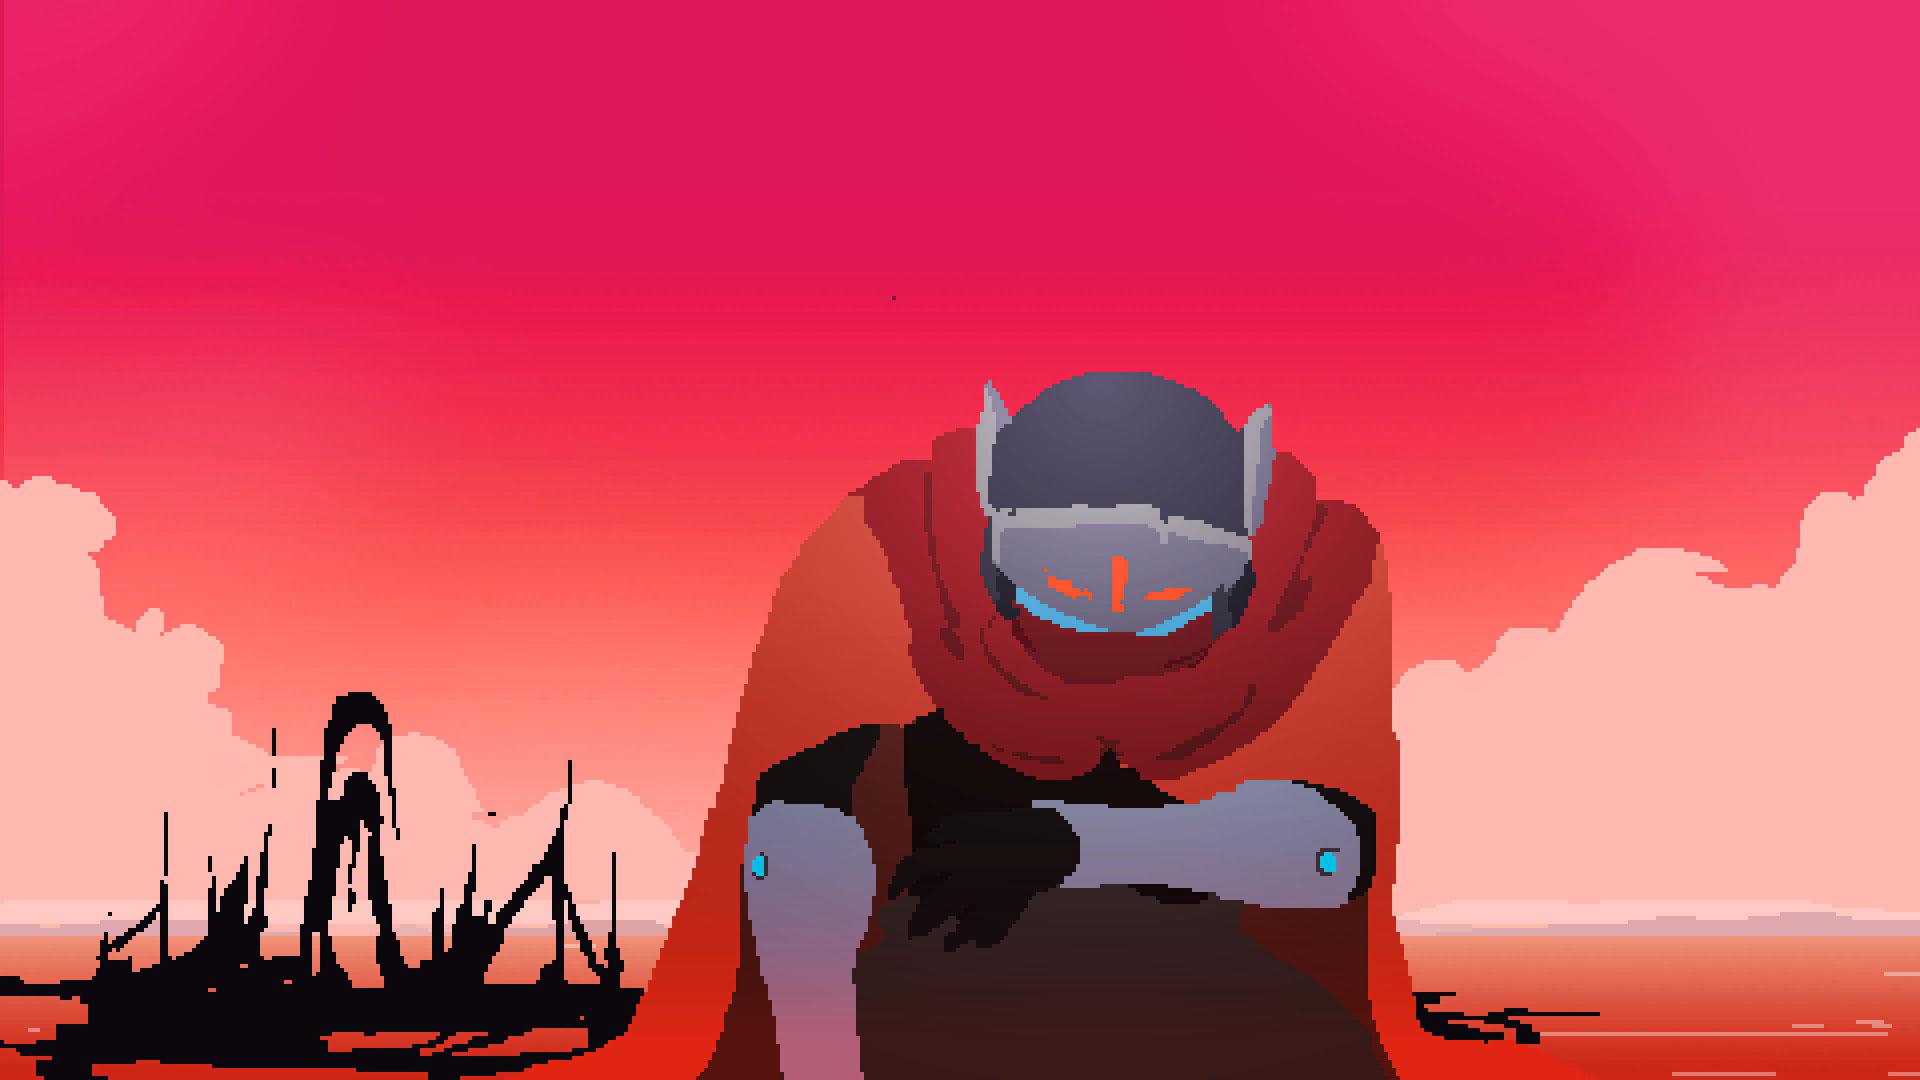 Pixelige Bildsprache Und Ein Herzkranker Held Der Hyper Light